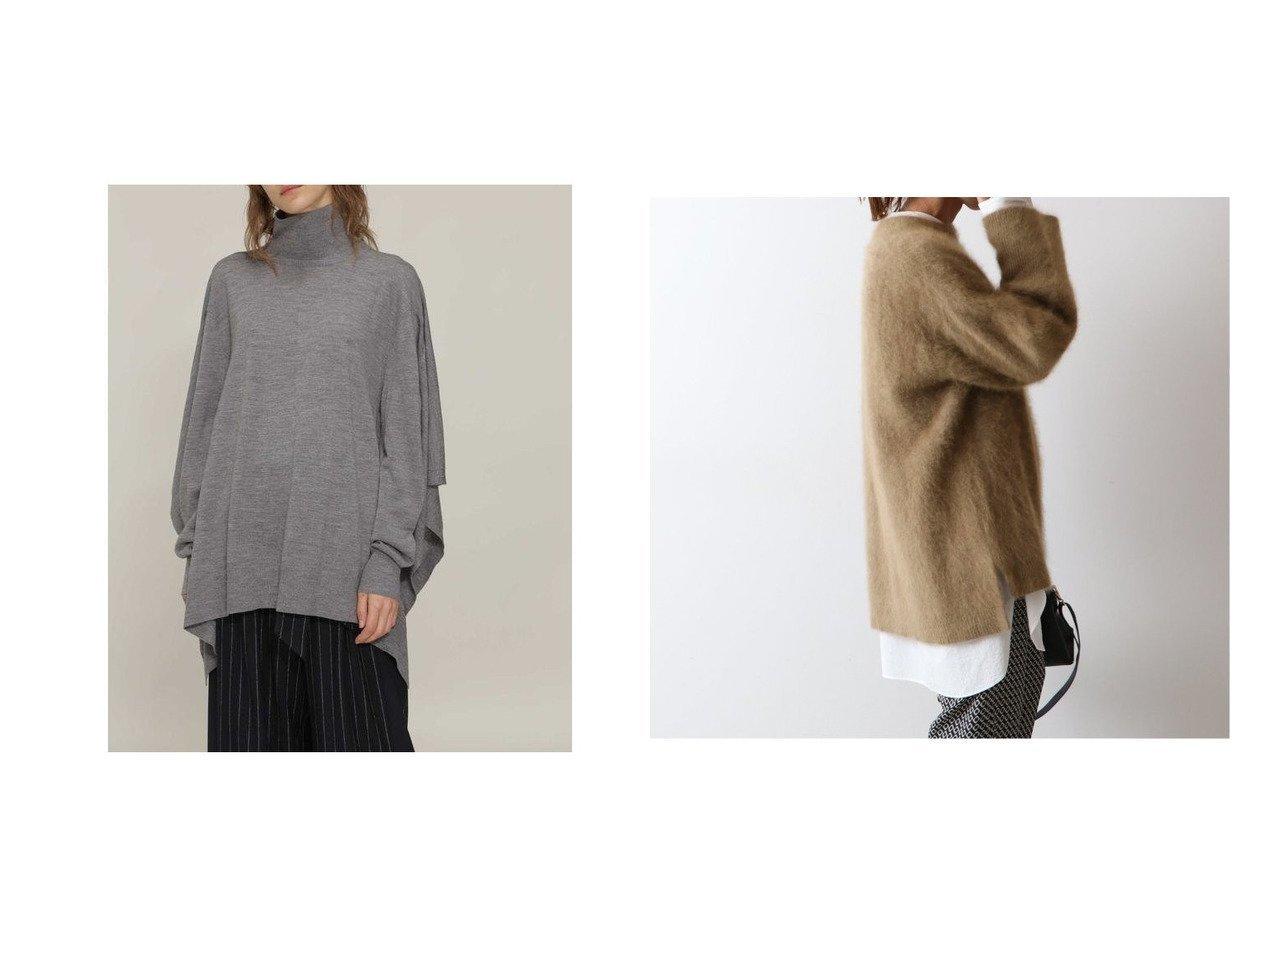 【FRAMeWORK/フレームワーク】のヘアリープルオーバー&【BOSCH/ボッシュ】のウールハイゲージニット トップス・カットソーのおすすめ!人気、レディースファッションの通販 おすすめで人気のファッション通販商品 インテリア・家具・キッズファッション・メンズファッション・レディースファッション・服の通販 founy(ファニー) https://founy.com/ ファッション Fashion レディース WOMEN トップス Tops Tshirt ニット Knit Tops プルオーバー Pullover インナー セーター バランス ポンチョ スタンド 秋冬 A/W Autumn/ Winter |ID:crp329100000002033